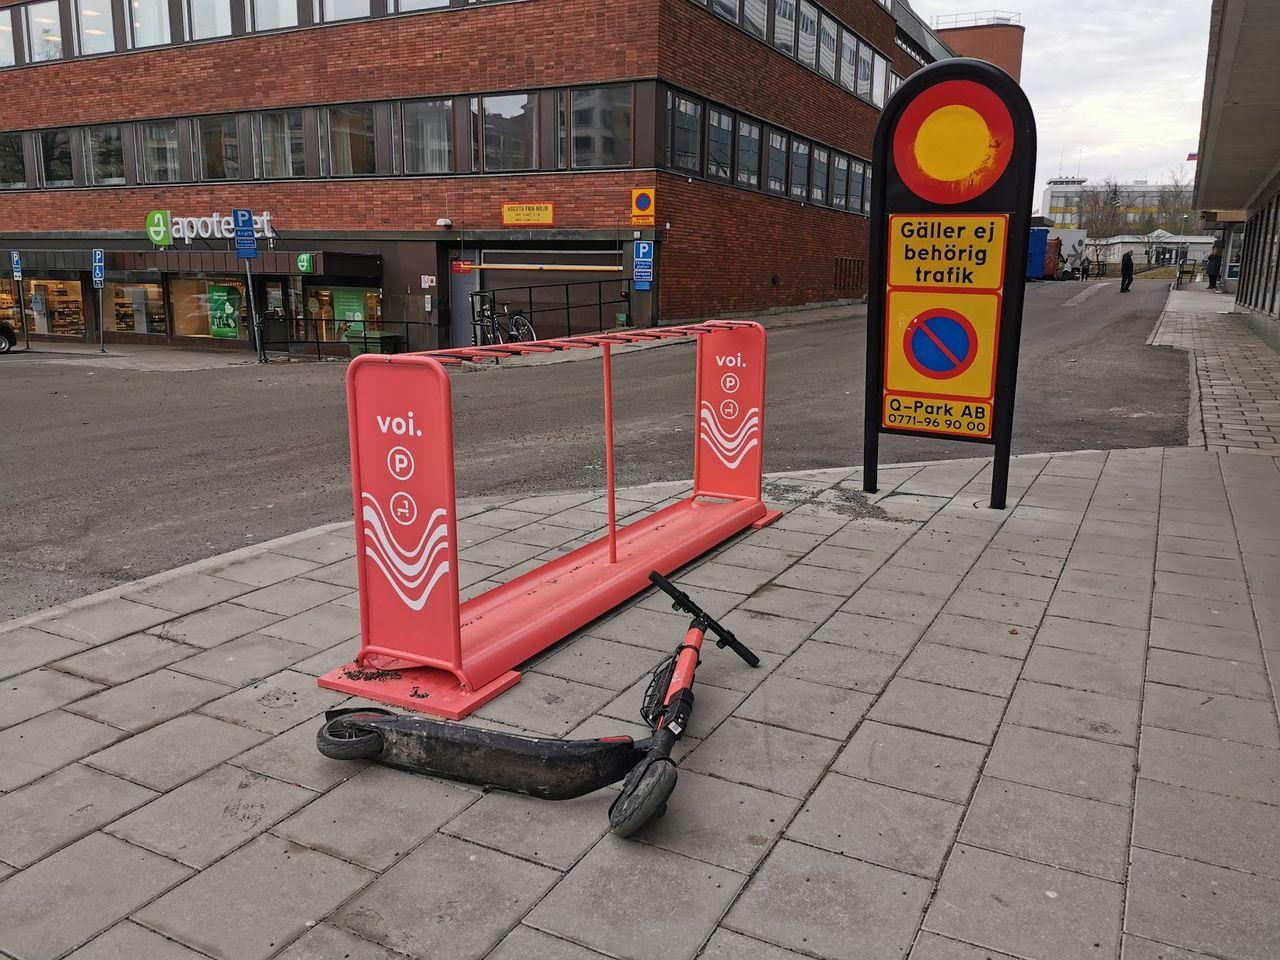 Du kan få betala om du parkerar elsparkcykeln fel